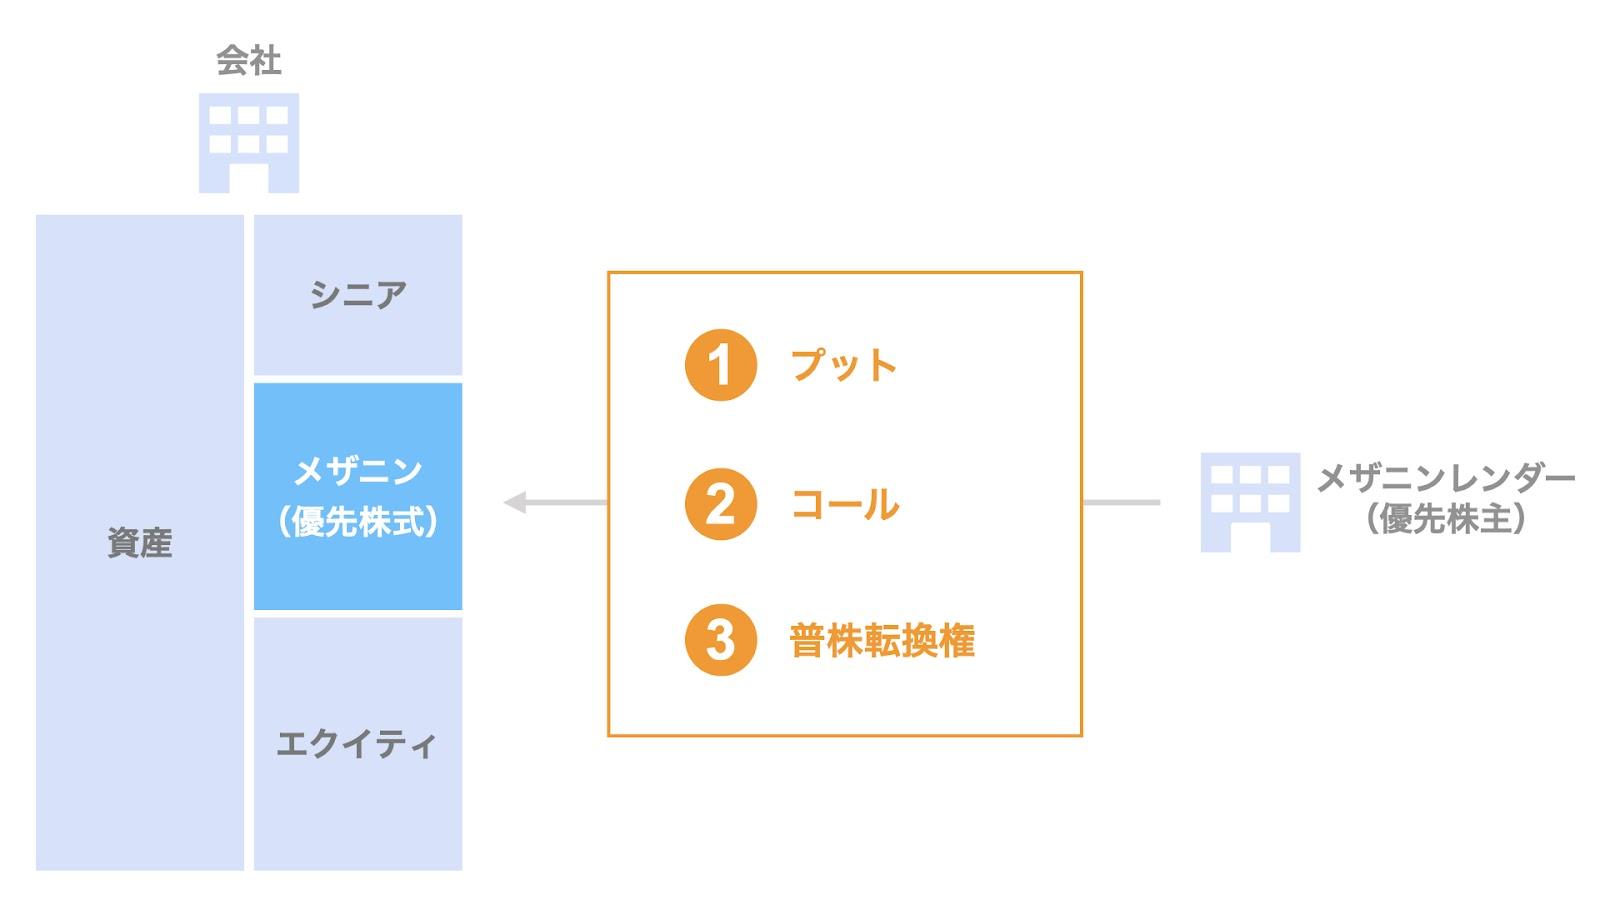 優先株式におけるメザニンレンダーの3つの権利